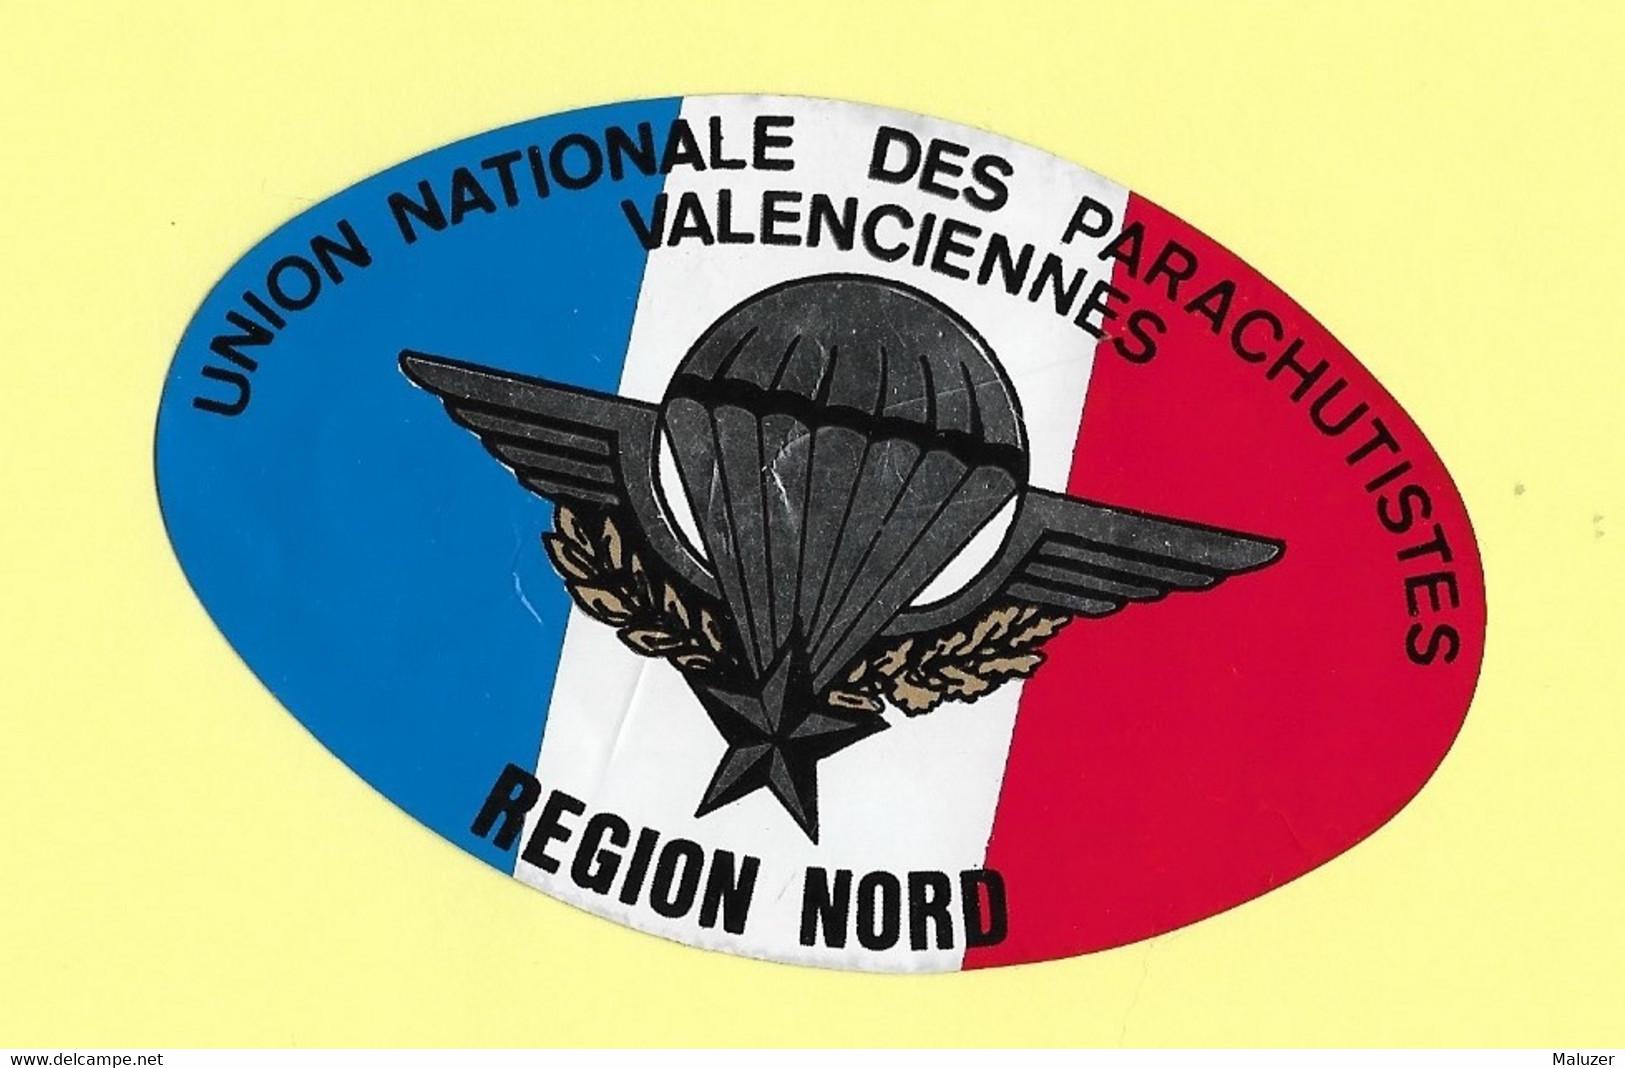 AUTOCOLLANT STICKER - UNION NATIONALE DES PARACHUTISTES - VALENCIENNES - RÉGION NORD - Stickers